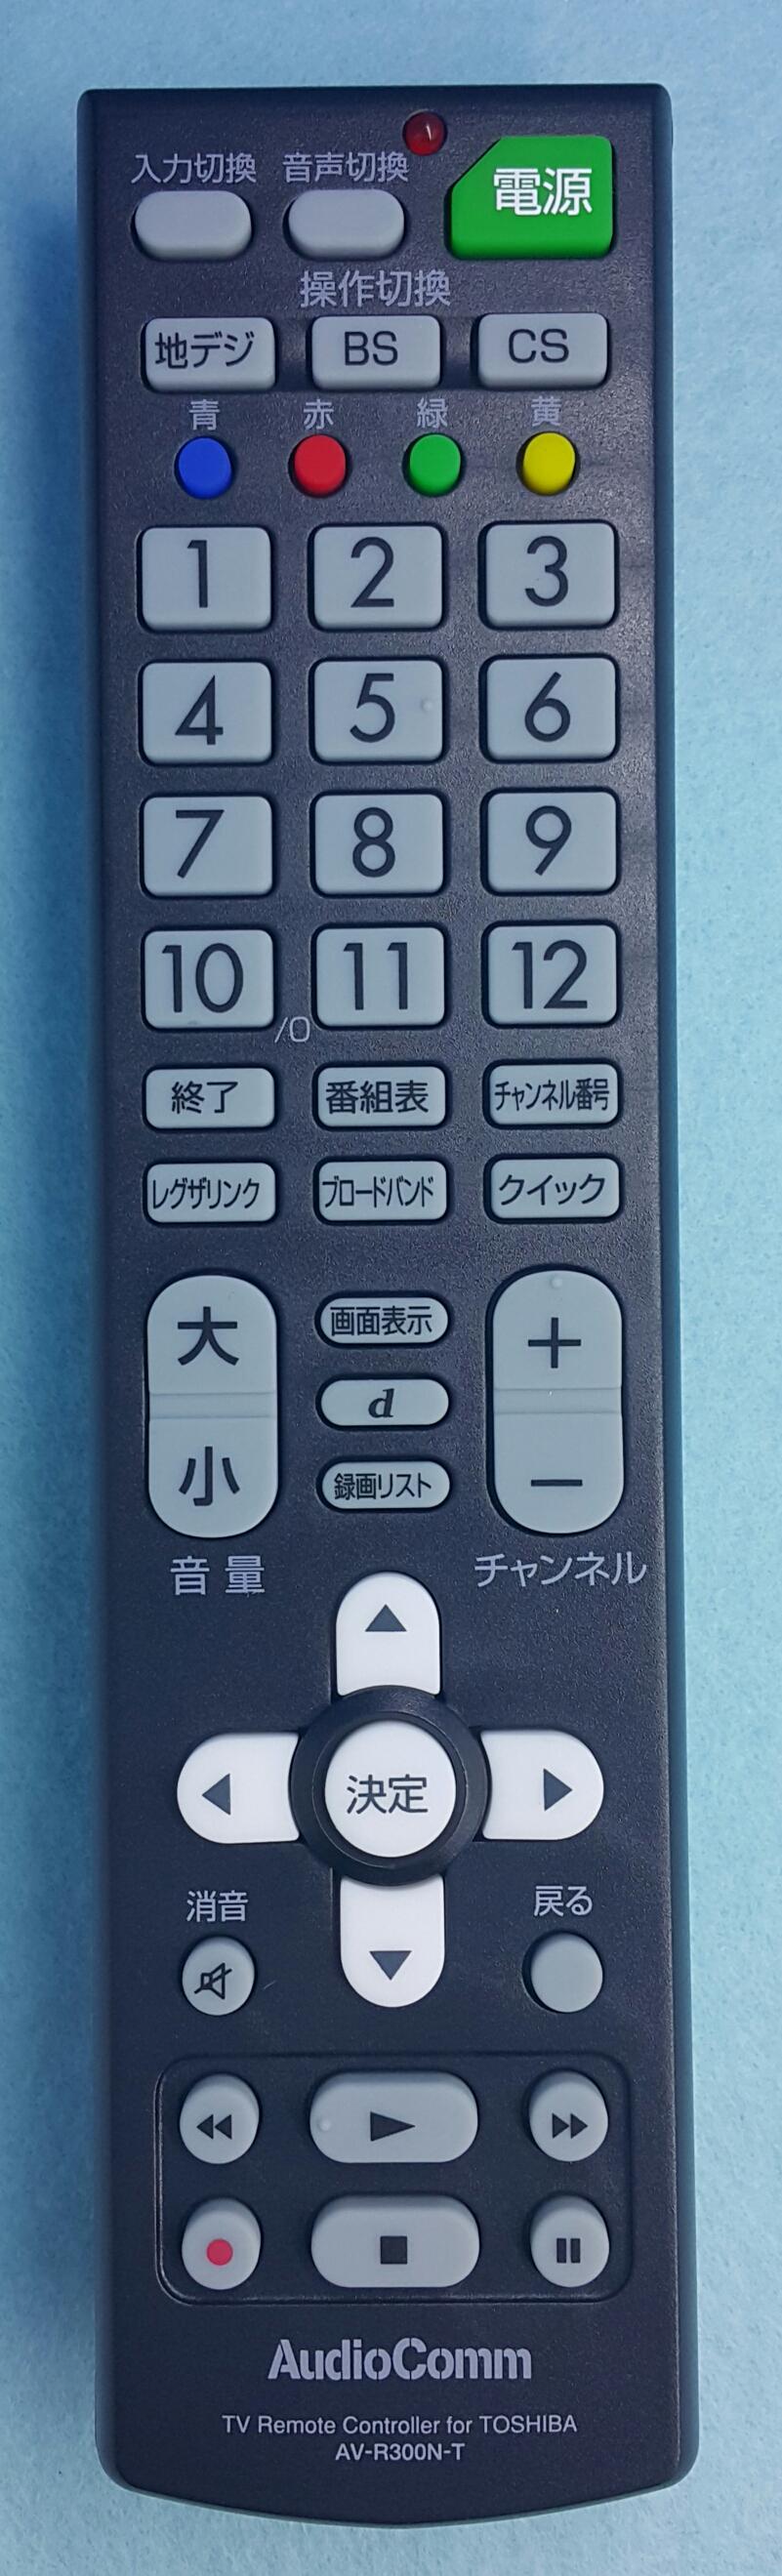 TOSHIBA_AV-R300N-T_L02FD 48B7_TV.TOSHIBA_00004_cover.png